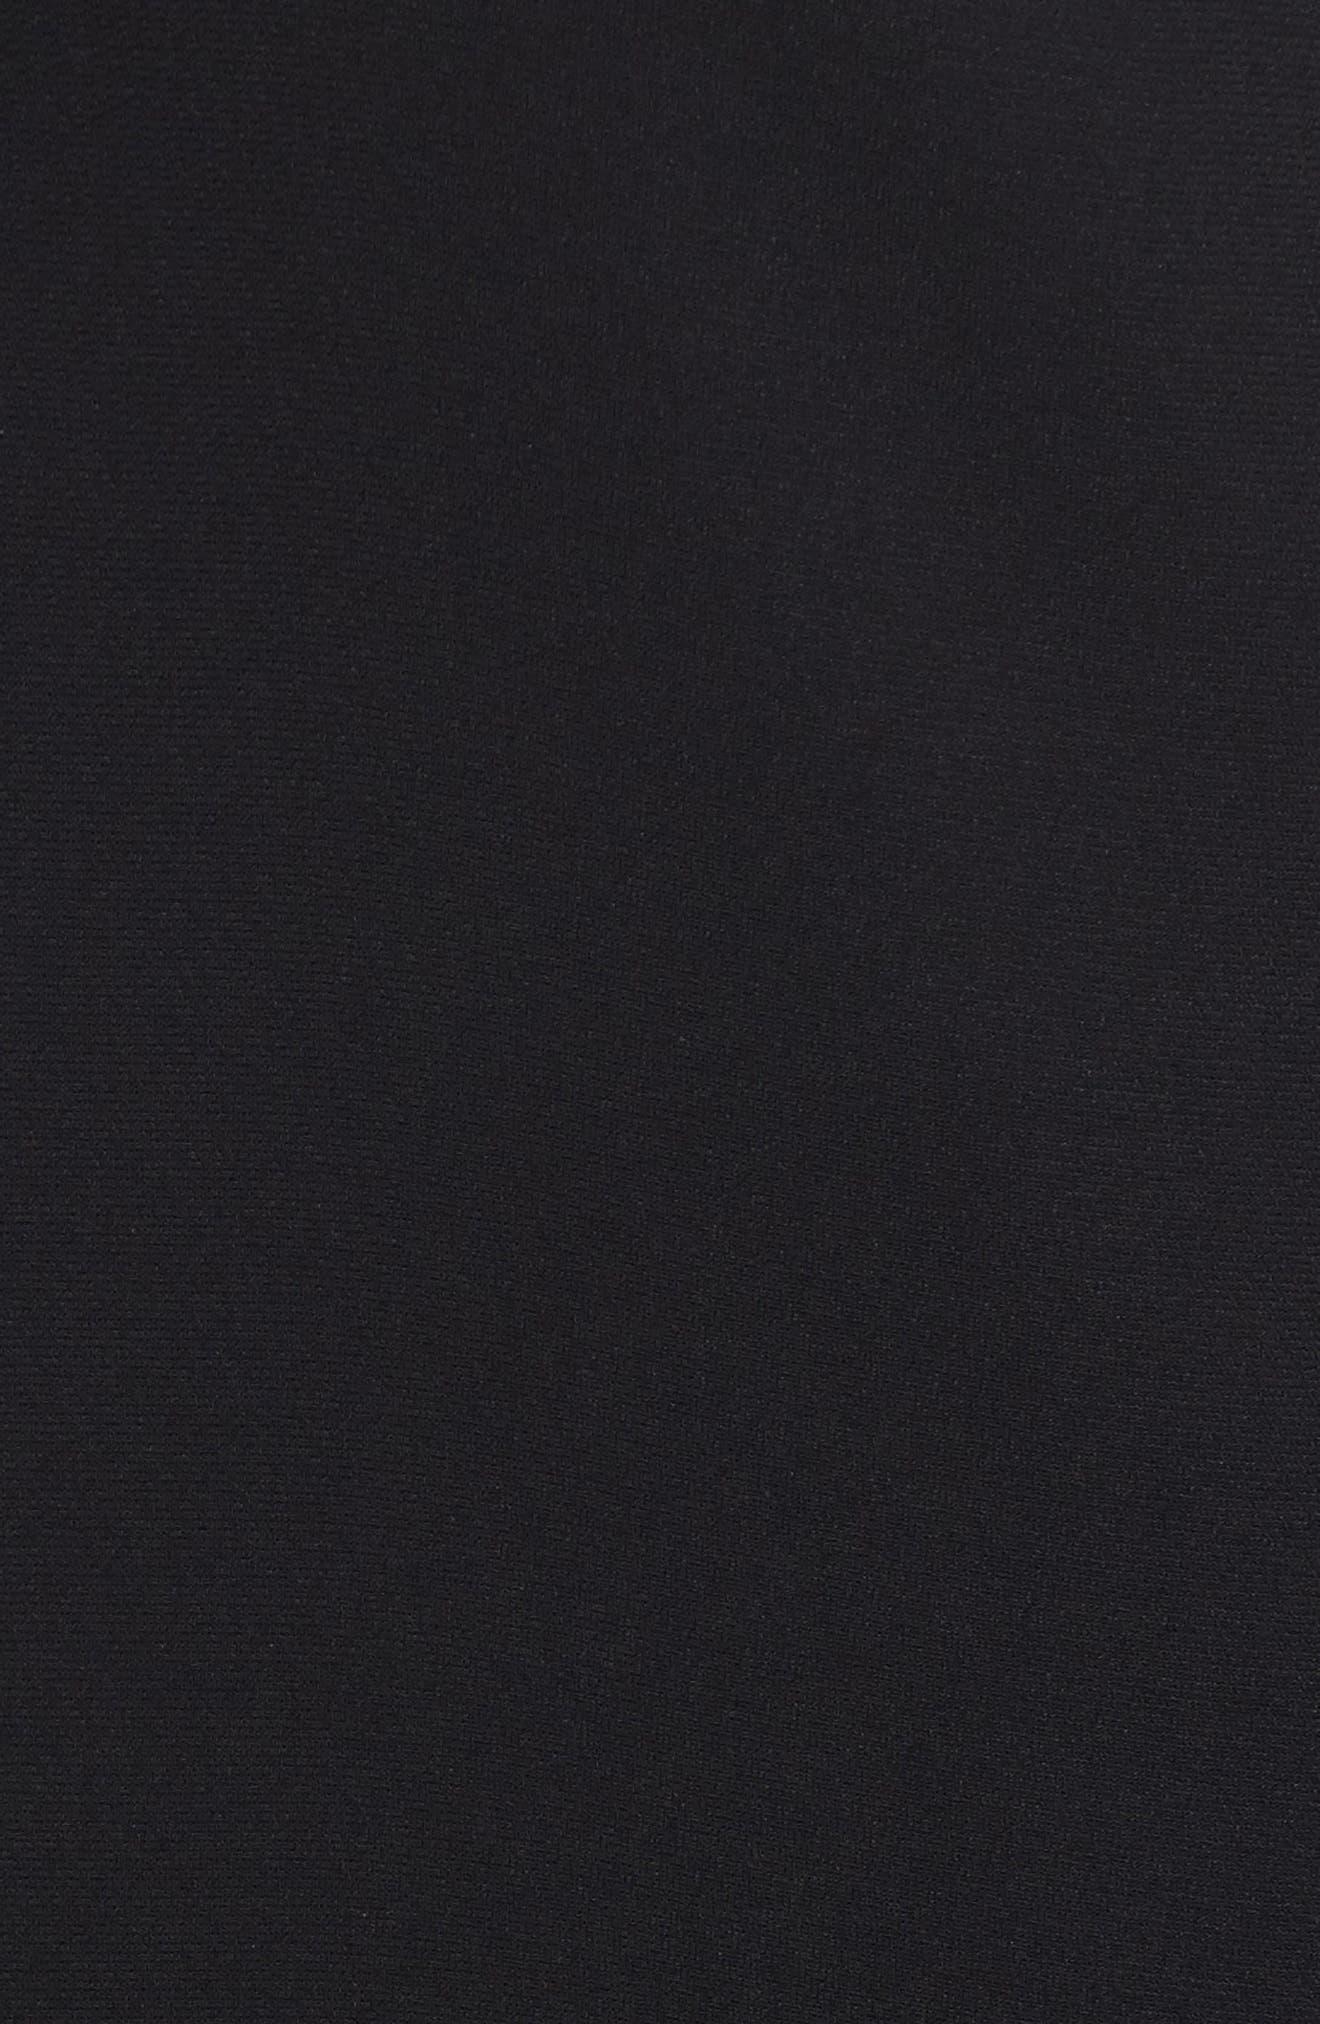 Choker Bell Sleeve Dress,                             Alternate thumbnail 5, color,                             001